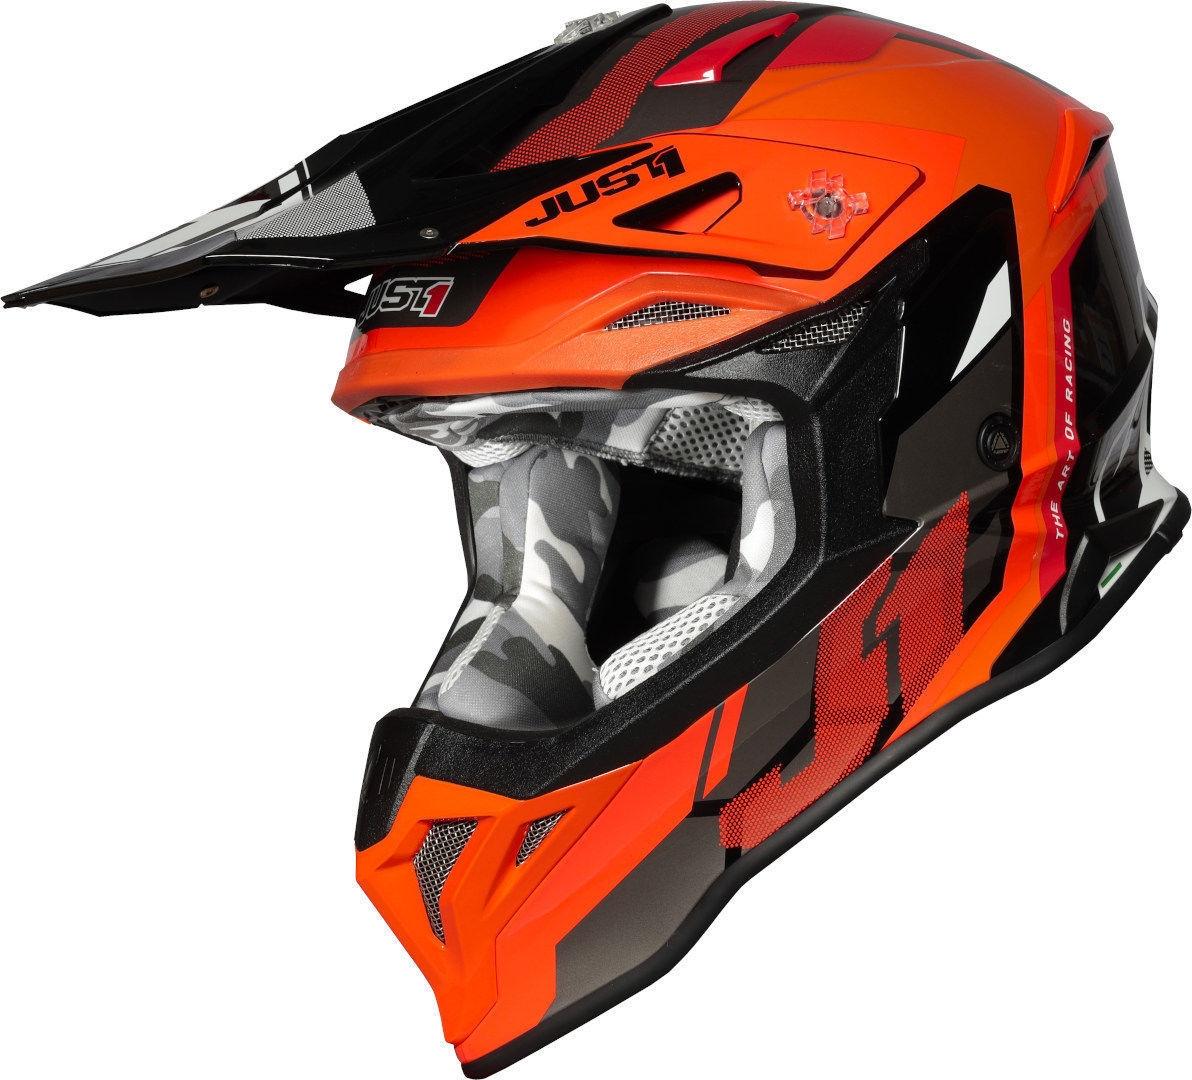 Casco Just1 cross enduro J39 REACTOR Fluo Orange Black Gloss 1